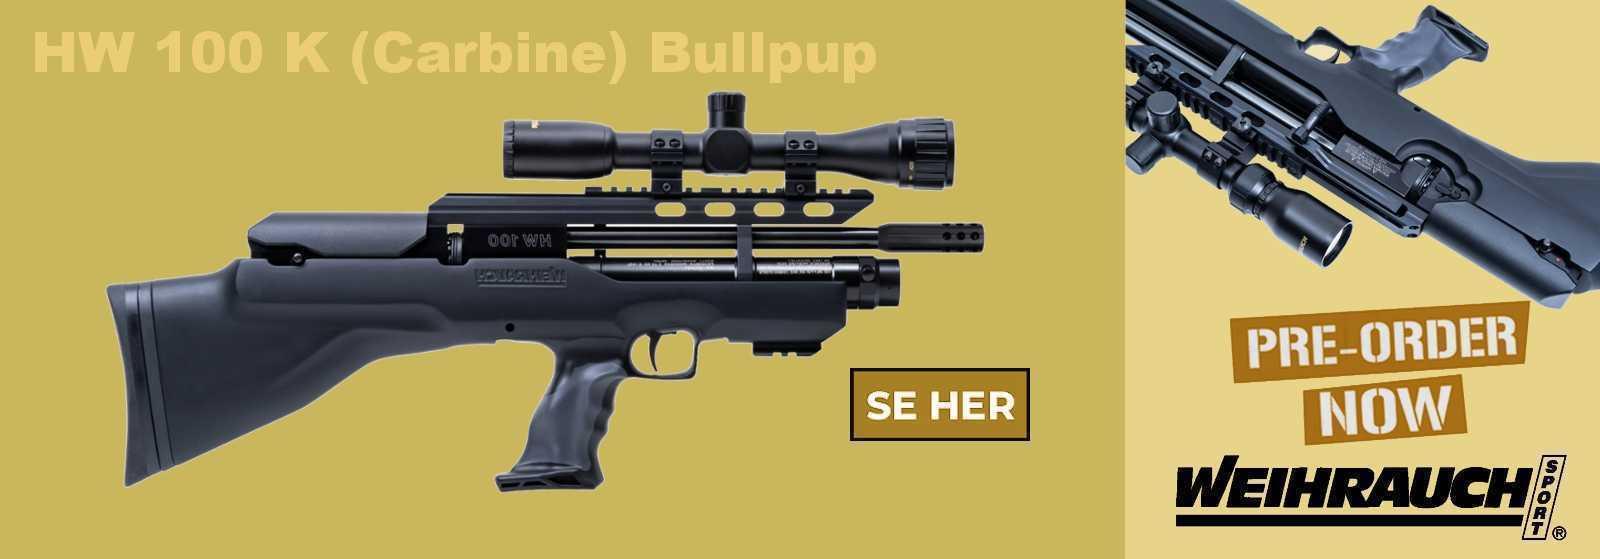 Weihrauch HW 100 K (Carbine) Bullpup PCP Luftgevær